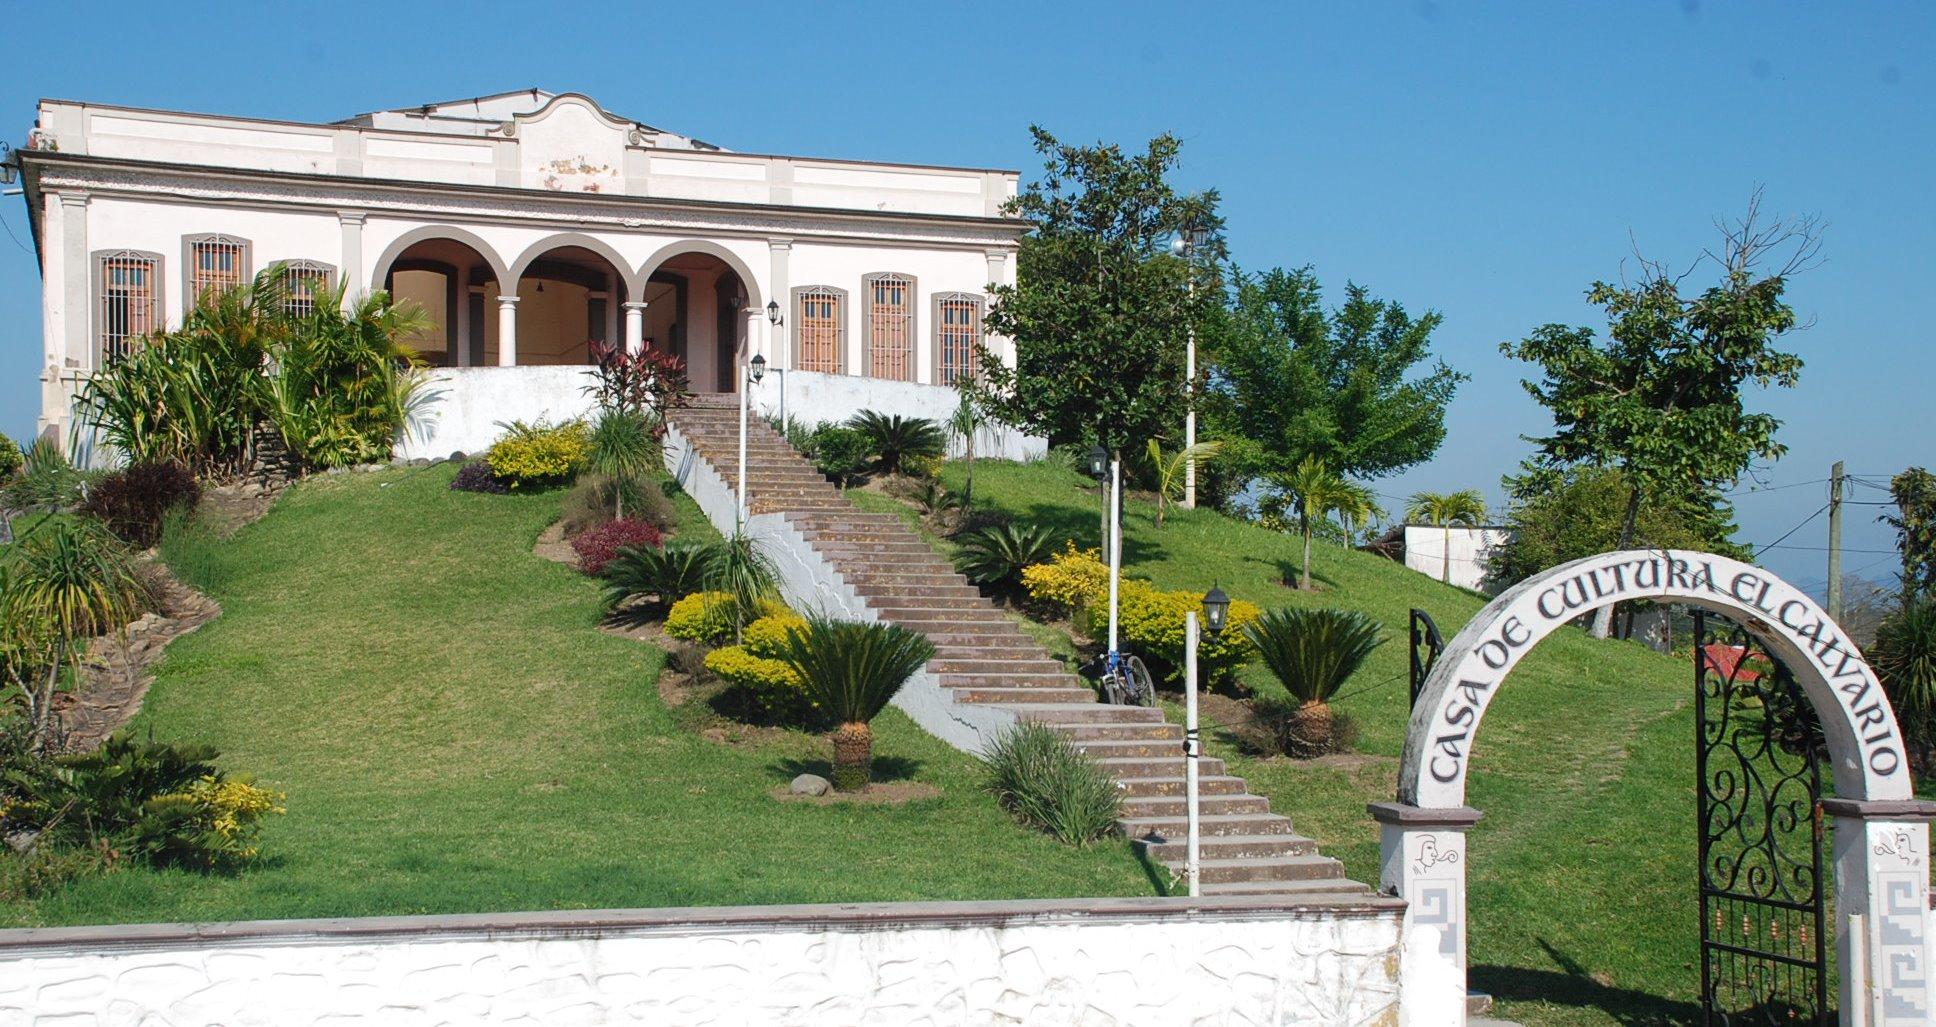 Lxiv legislatura - Casa de cultura ignacio aldecoa ...